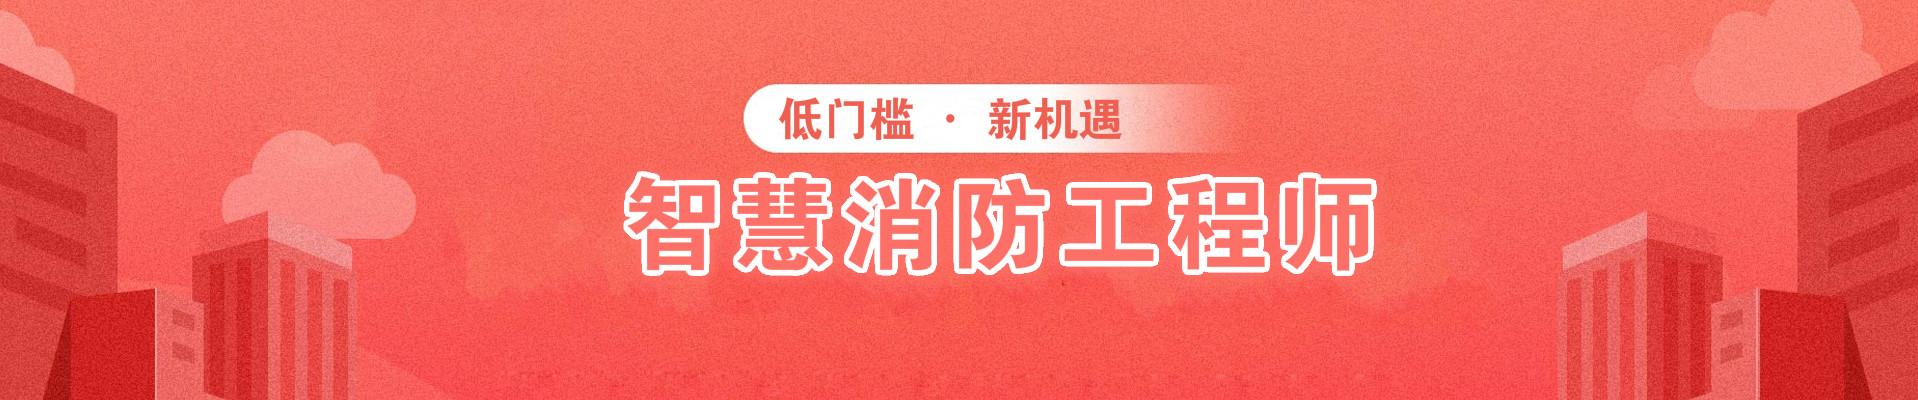 湖北荆州优路教育培训学校